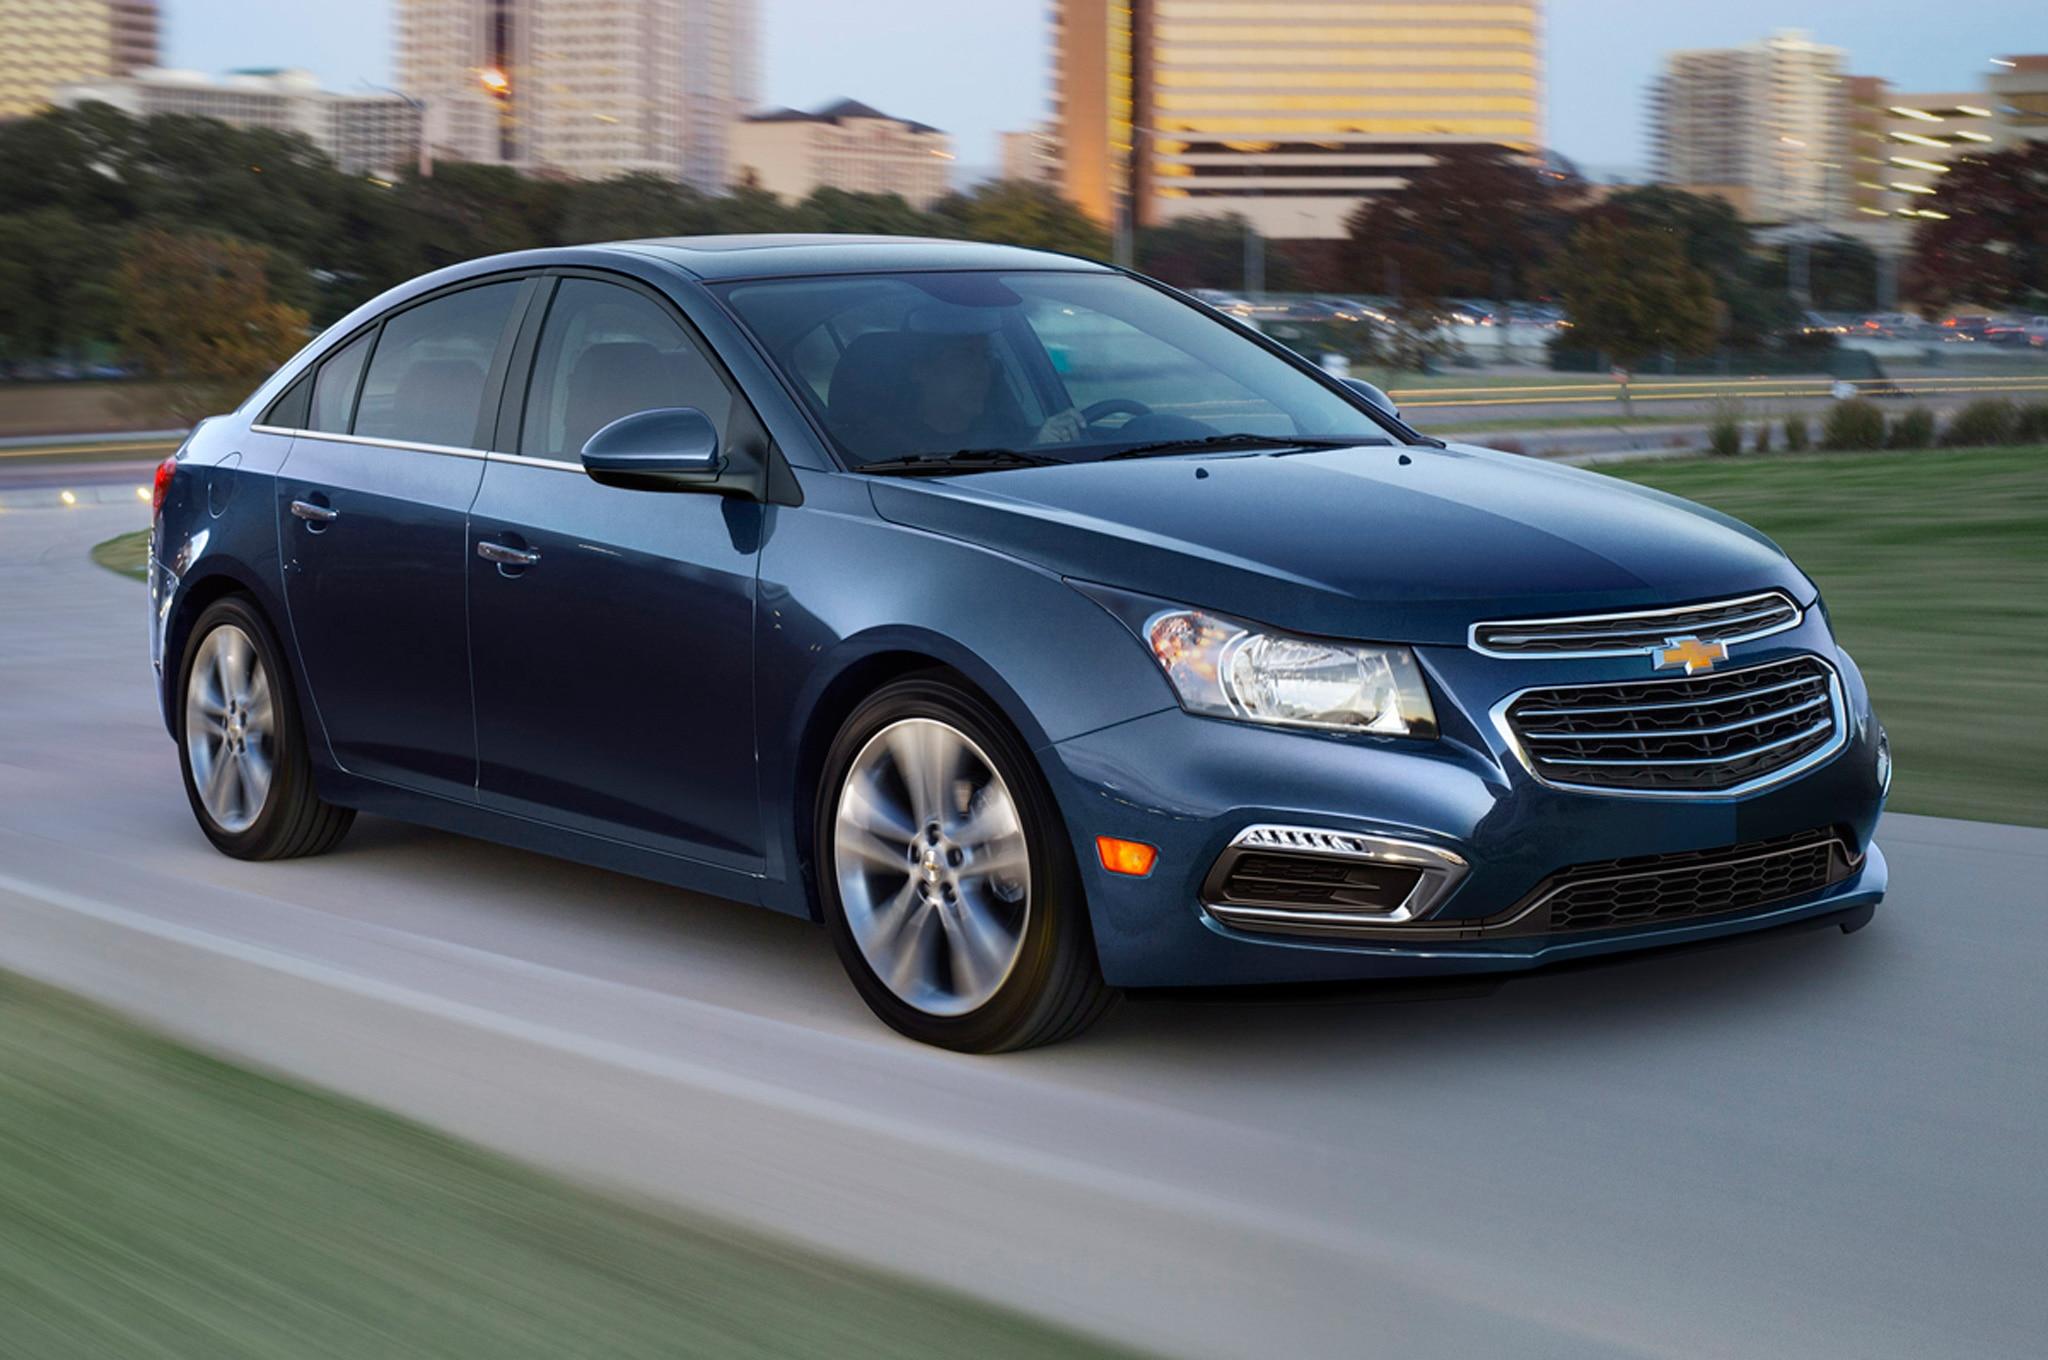 Chevrolet Cruze 2015 se actualiza con un nuevo frente